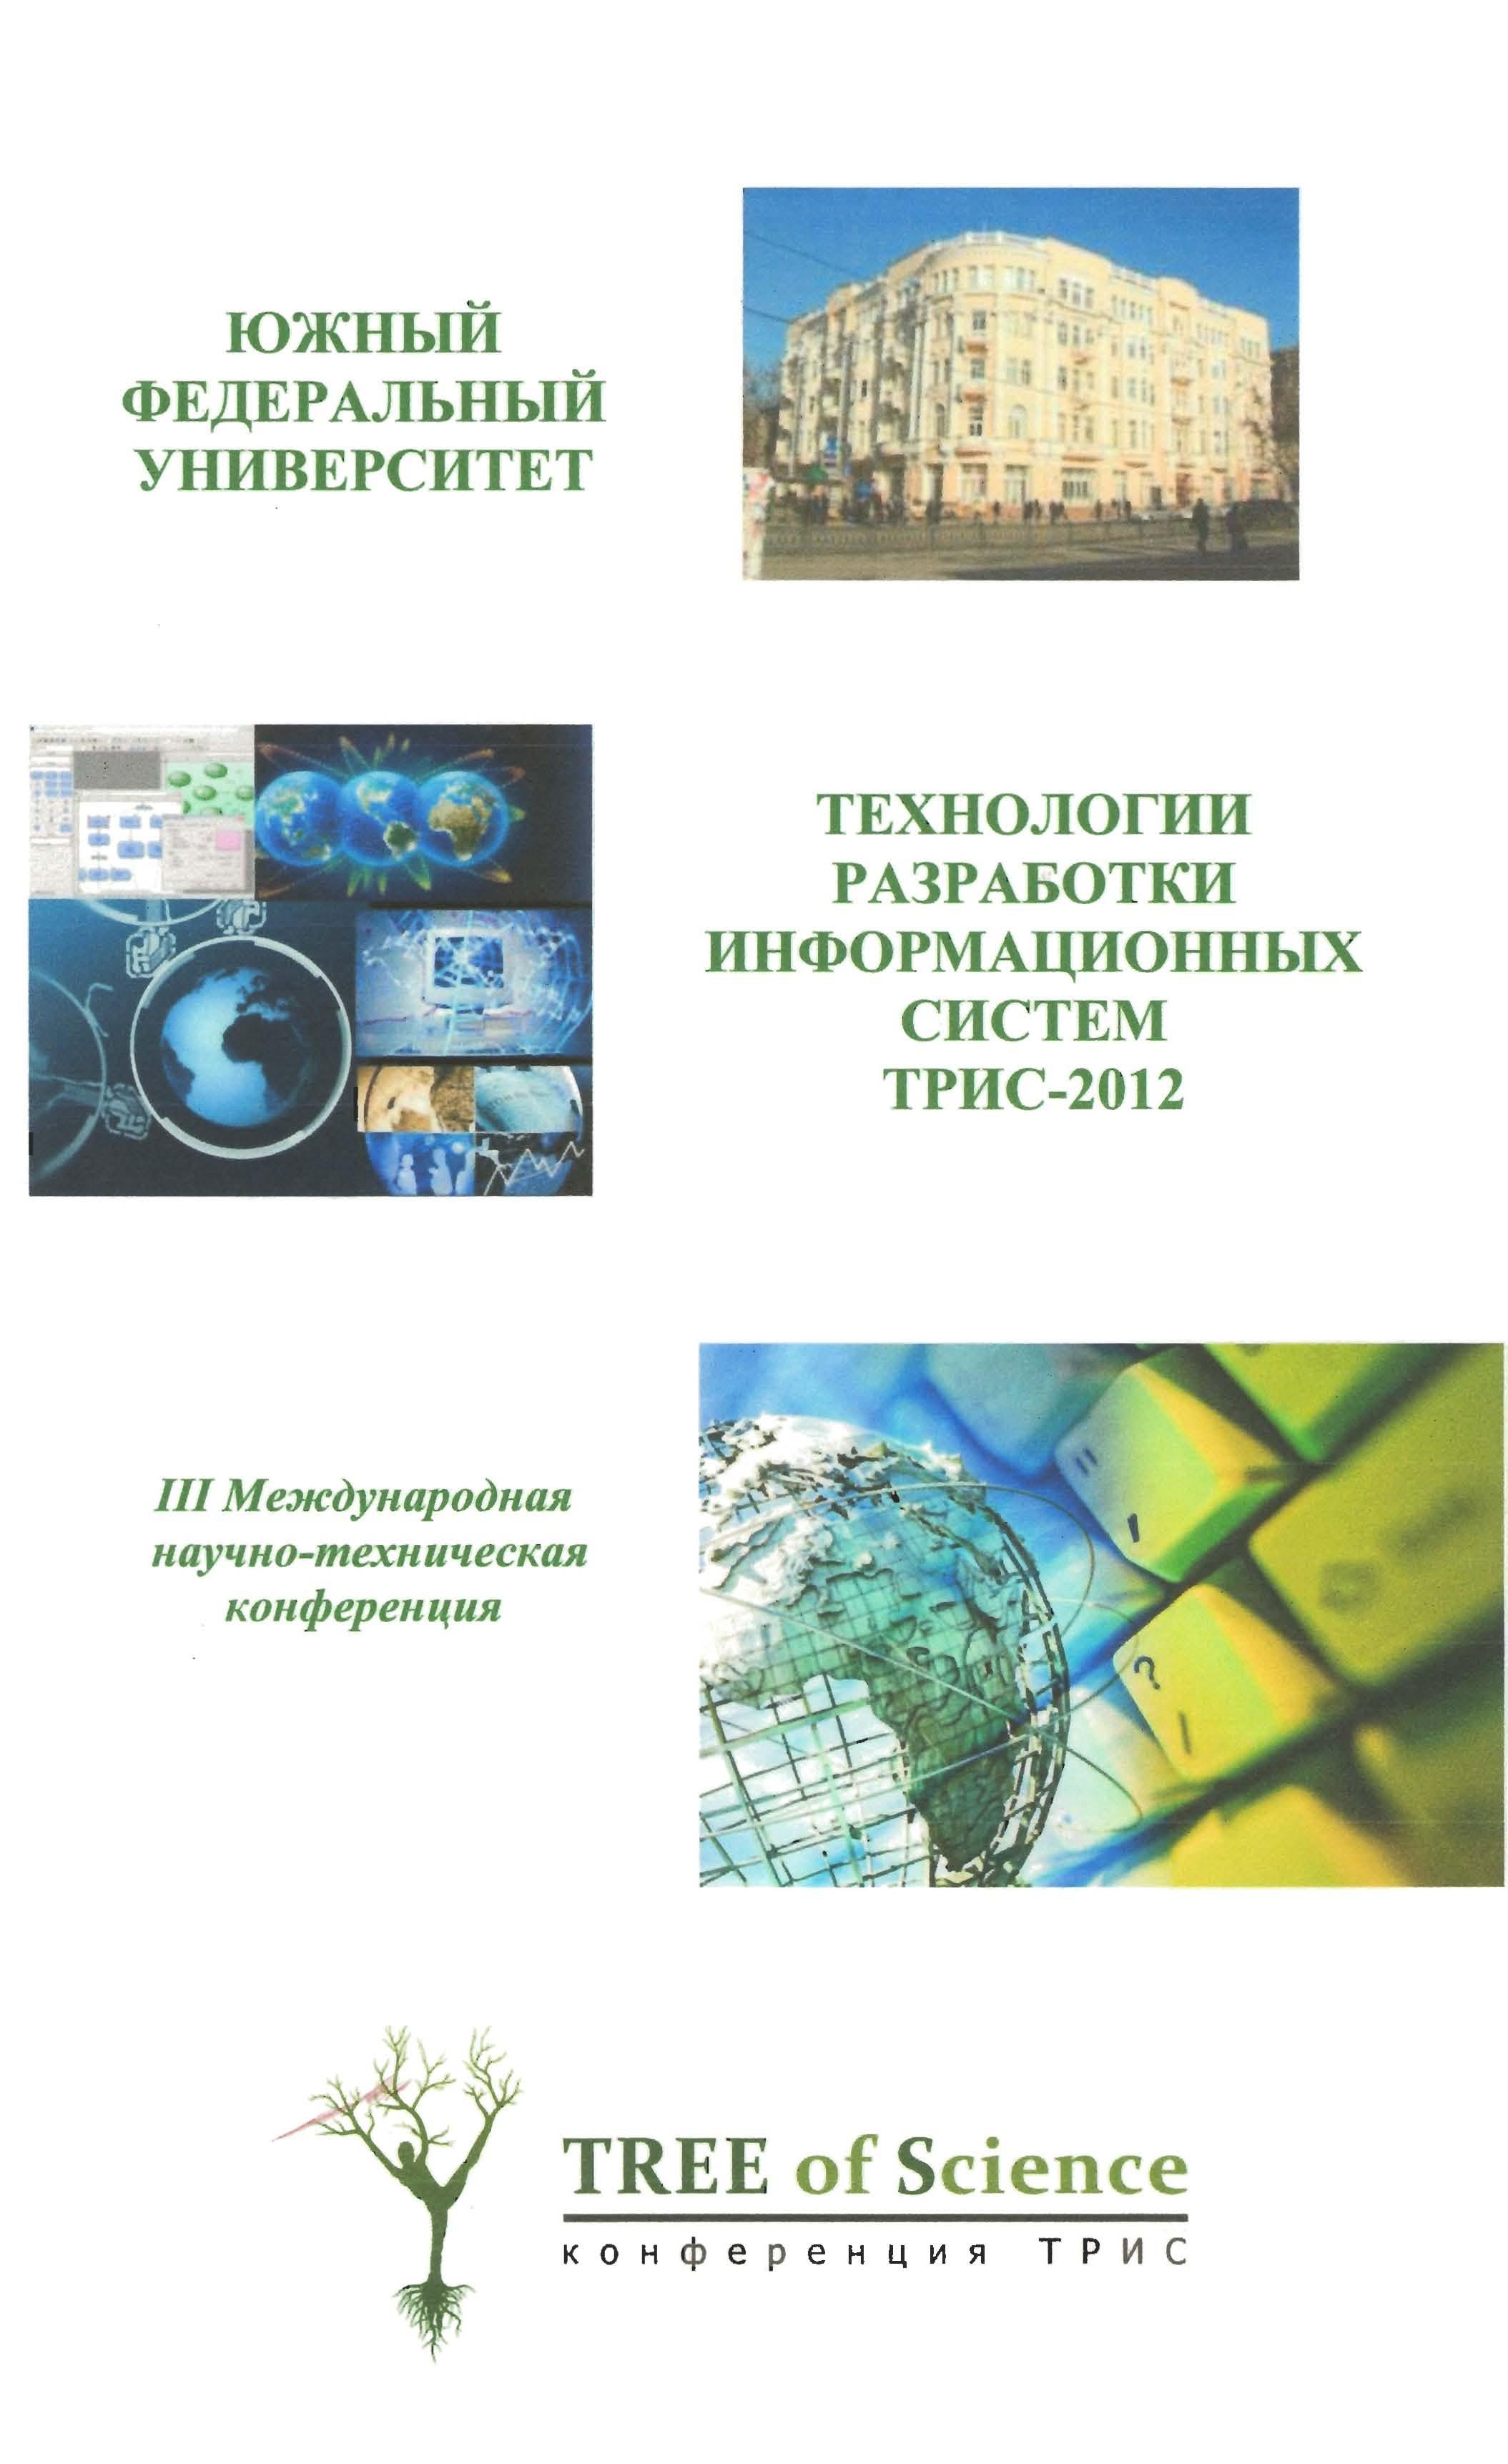 Технологии разработки информационных систем ТРИС-2012. III Международная научно-техническая конференция. Материалы конференции